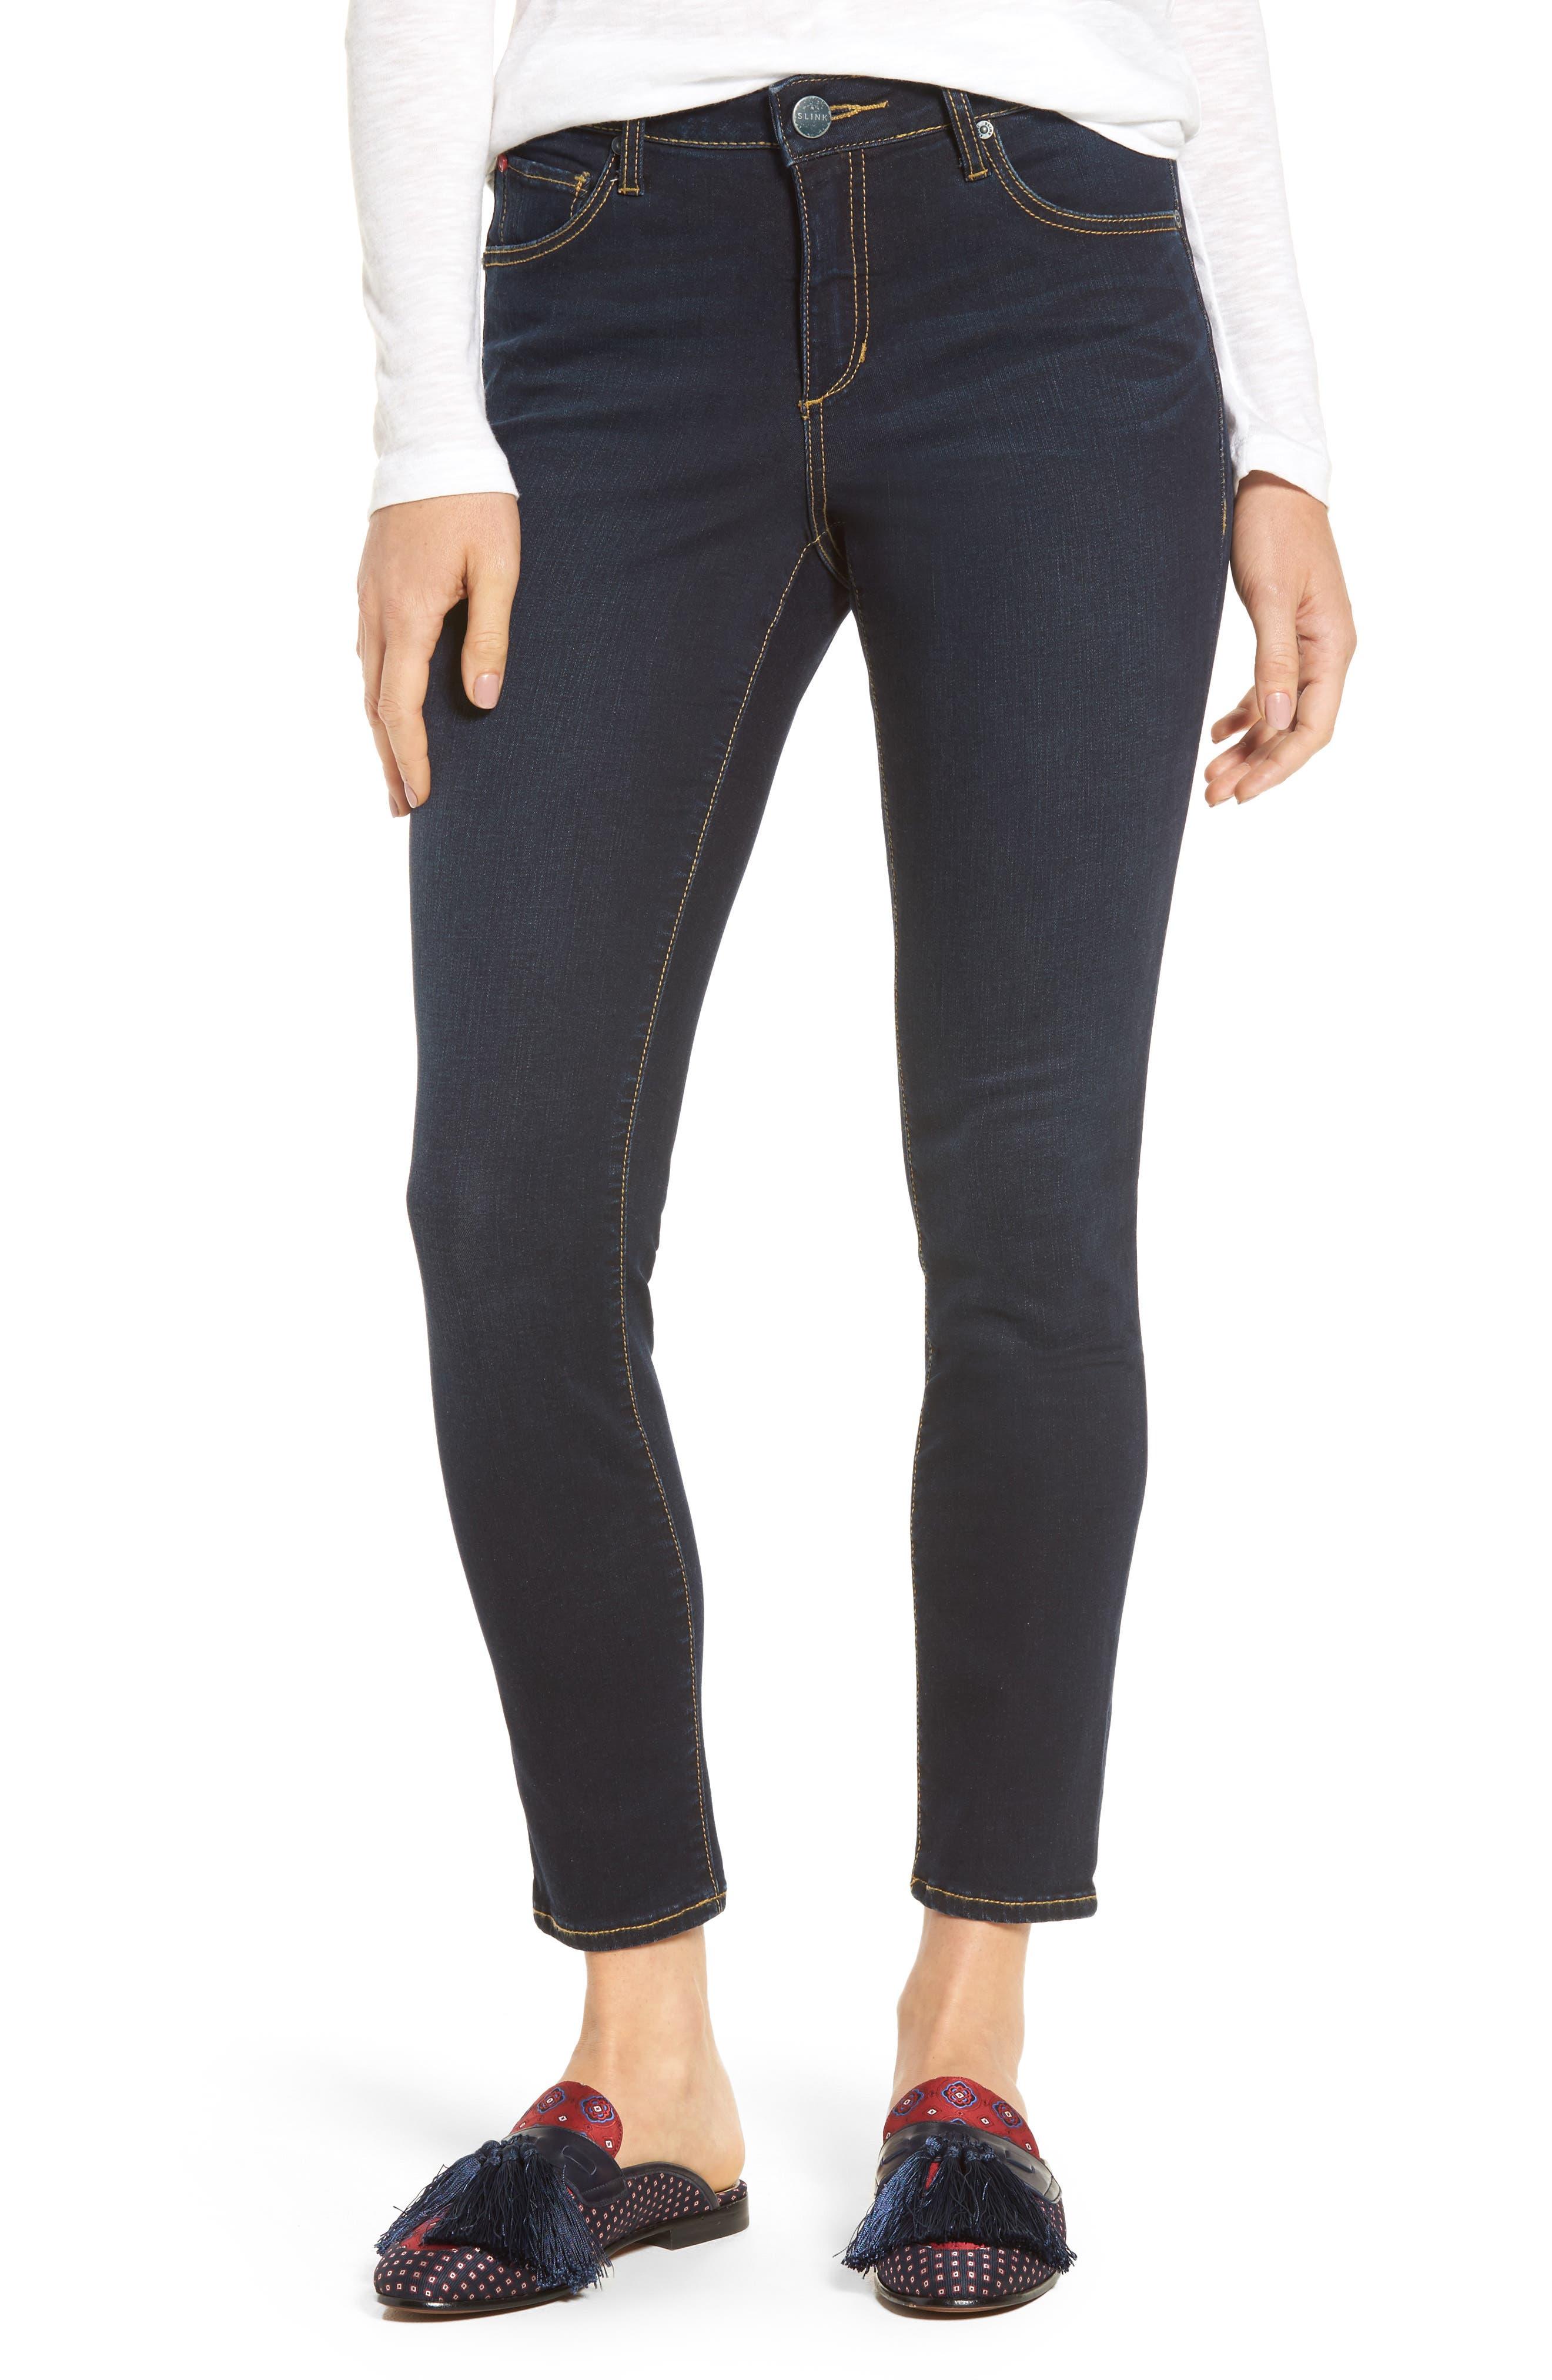 Main Image - SLINK Jeans Ankle Skinny Jeans (Summer)